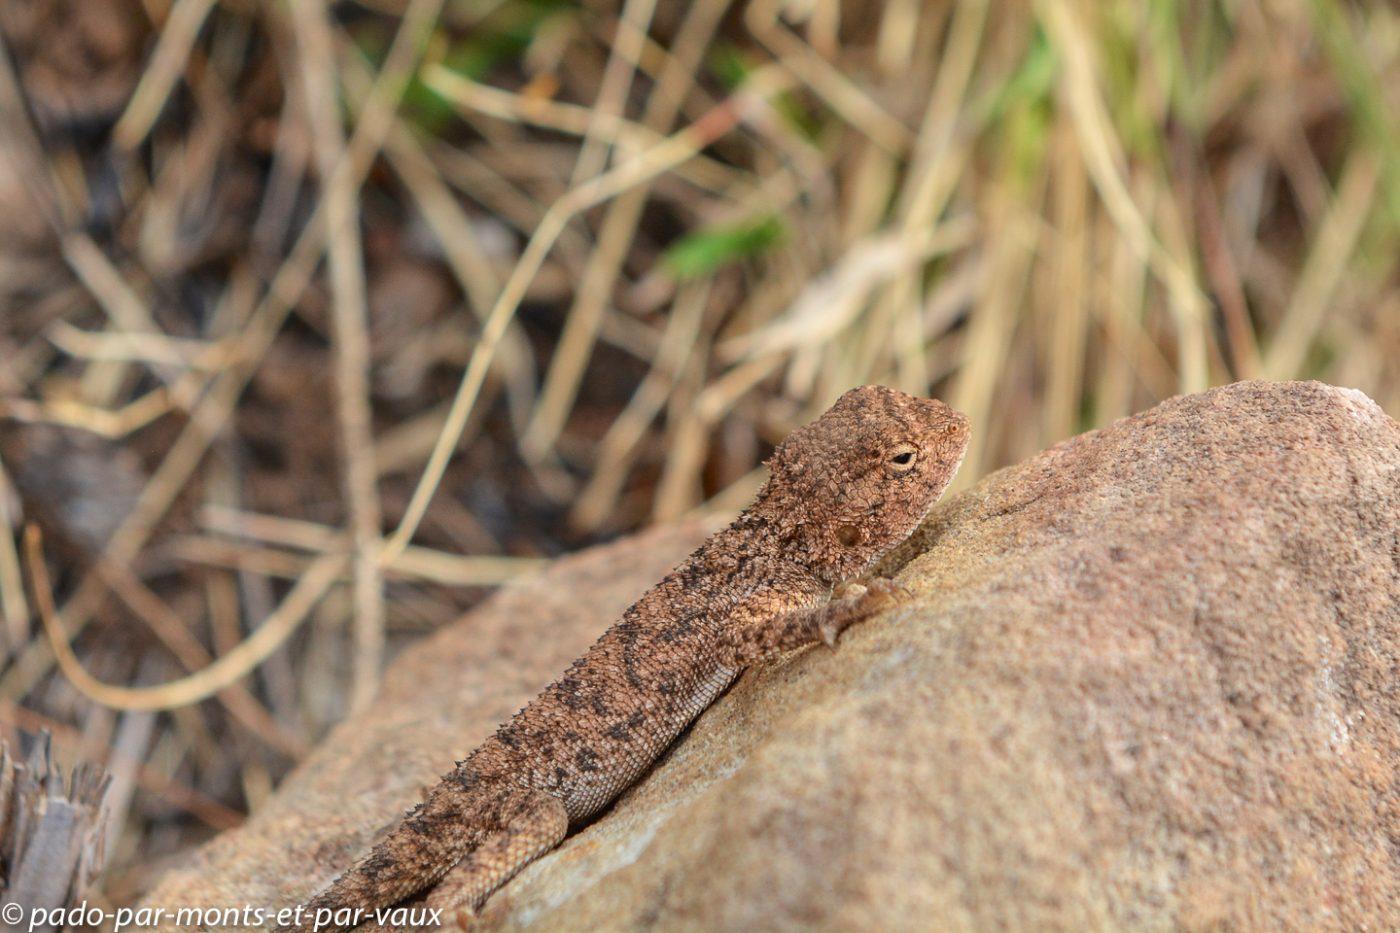 Drakensberg - Gecko